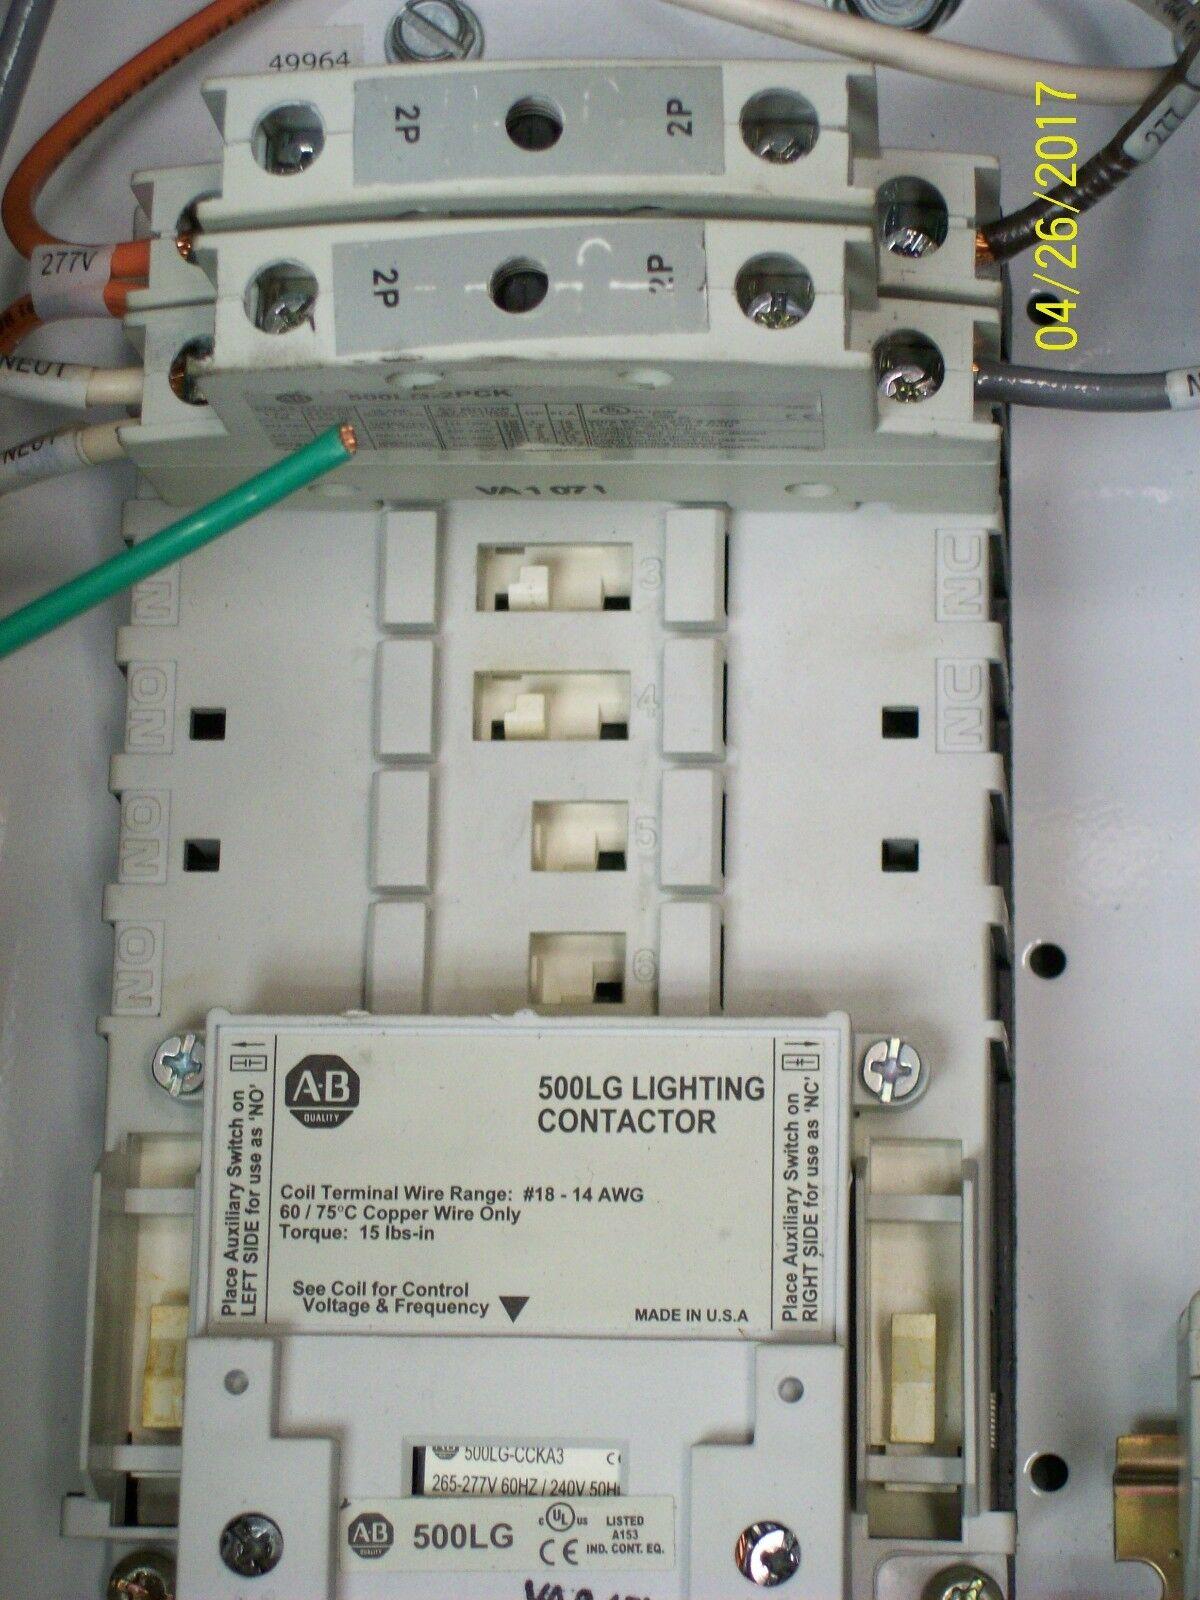 Ge Lighting Contactor Wiring Diagrams - Versalift Wiring Diagram - wiring -car-auto2.lanjut.warmi.frWiring Diagram Resource